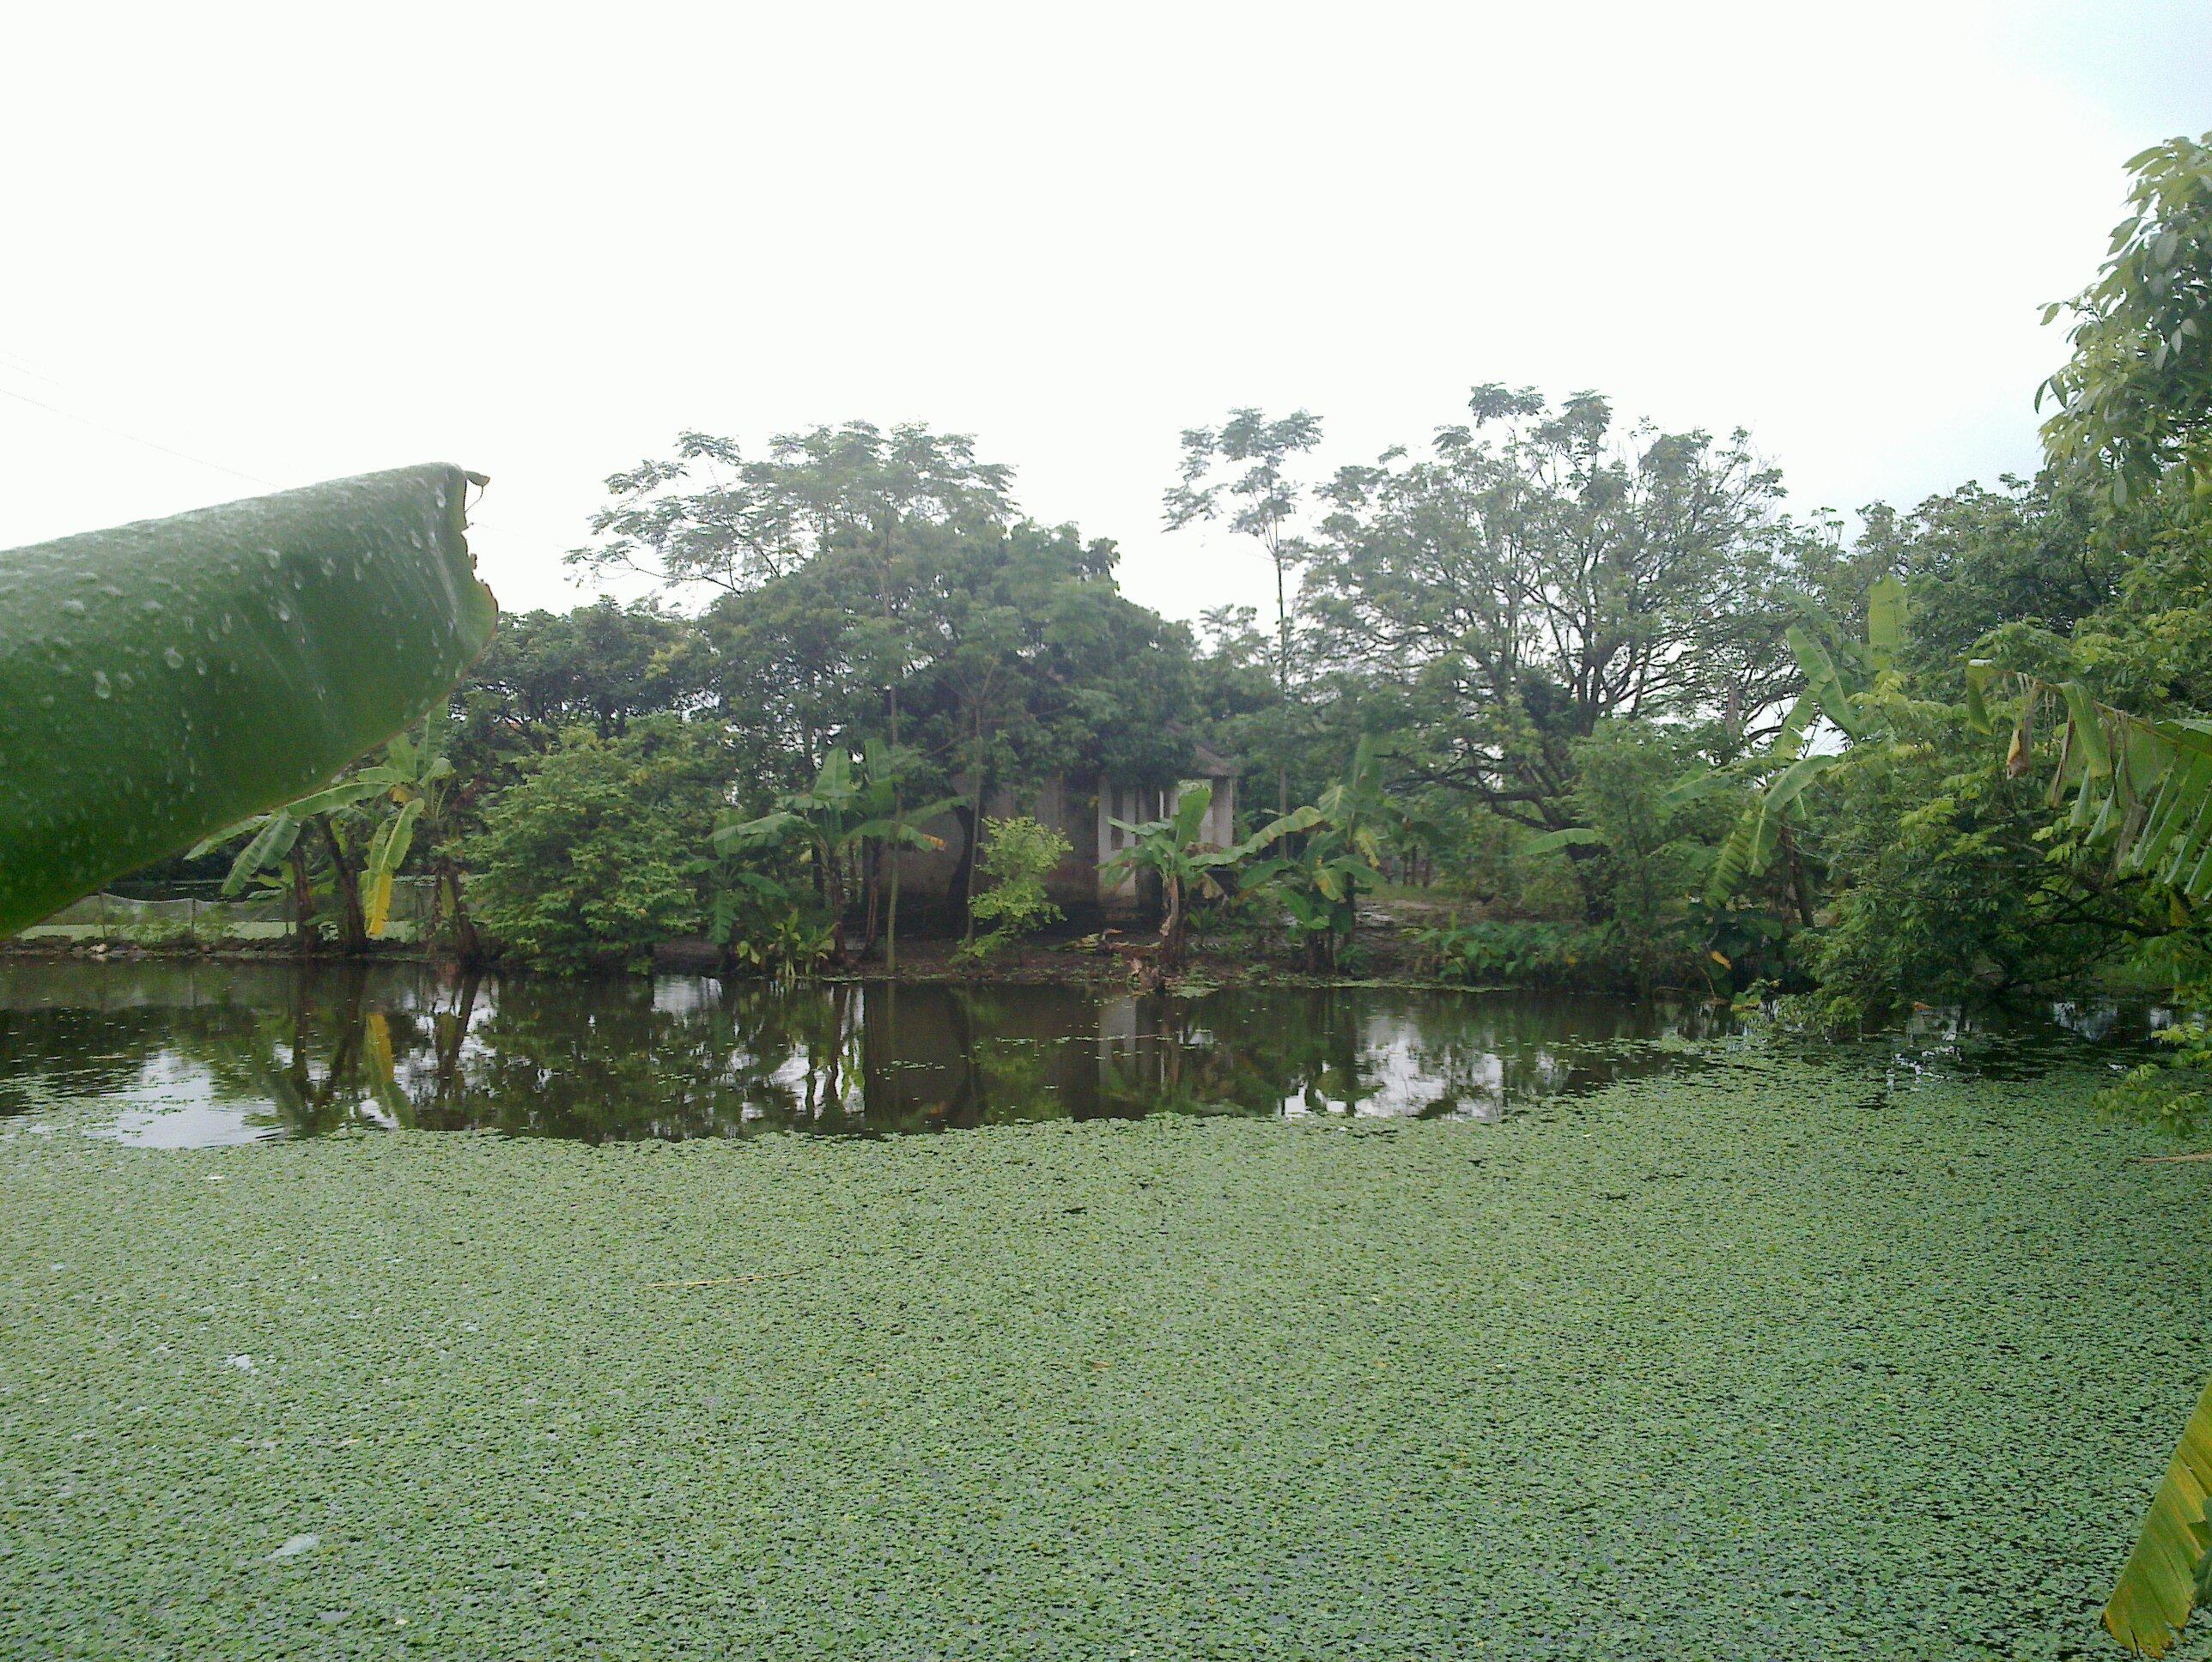 Quy hoạch lưu giữ ao hồ tạo cân bằng sinh thái